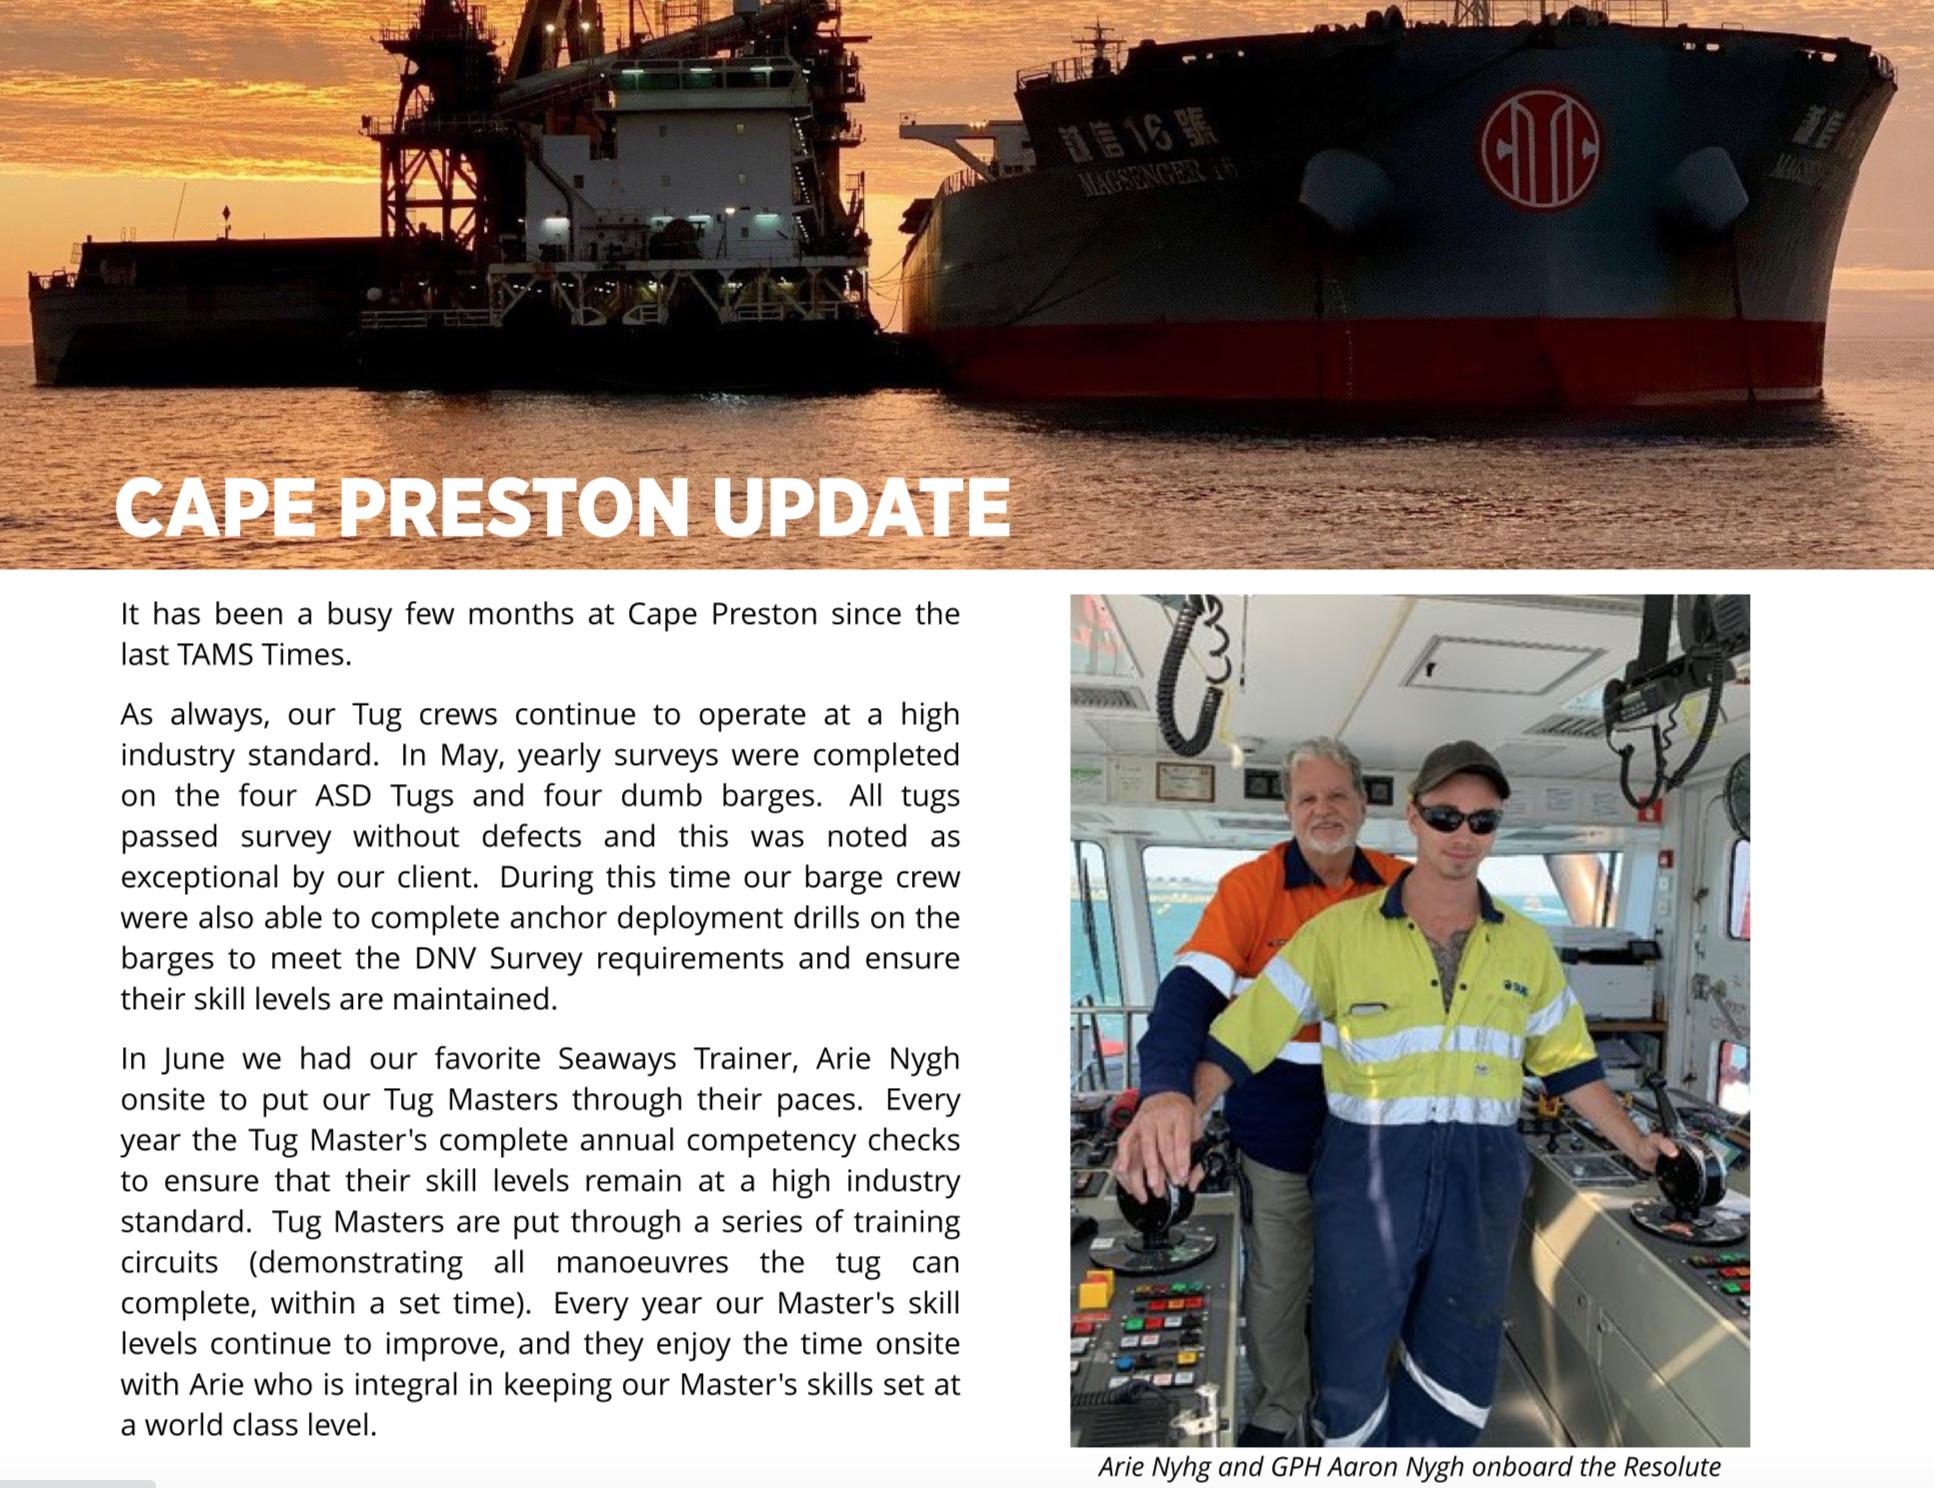 Cape Preston Update